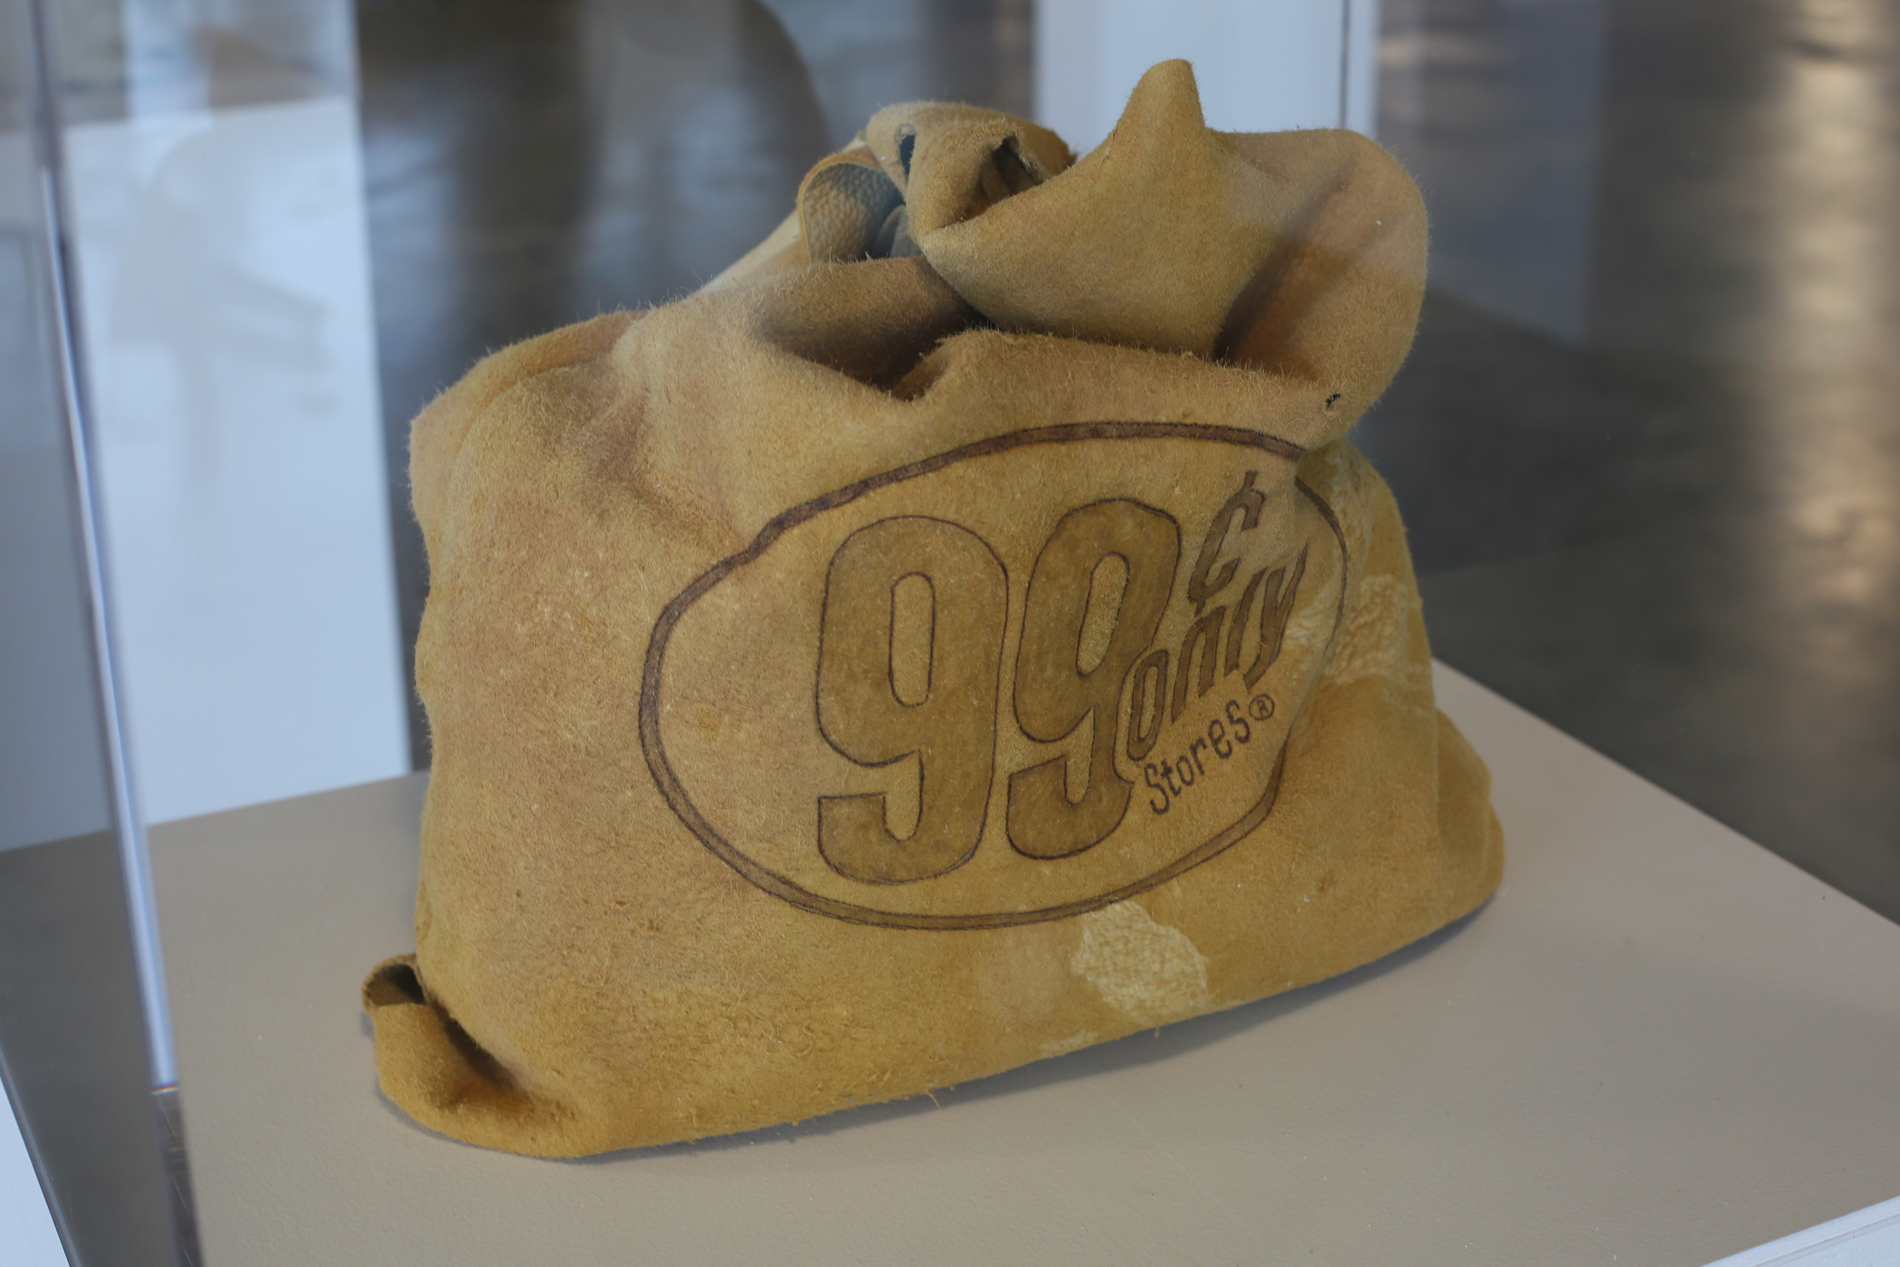 Artifact Bag: 99 Cent Store,2017